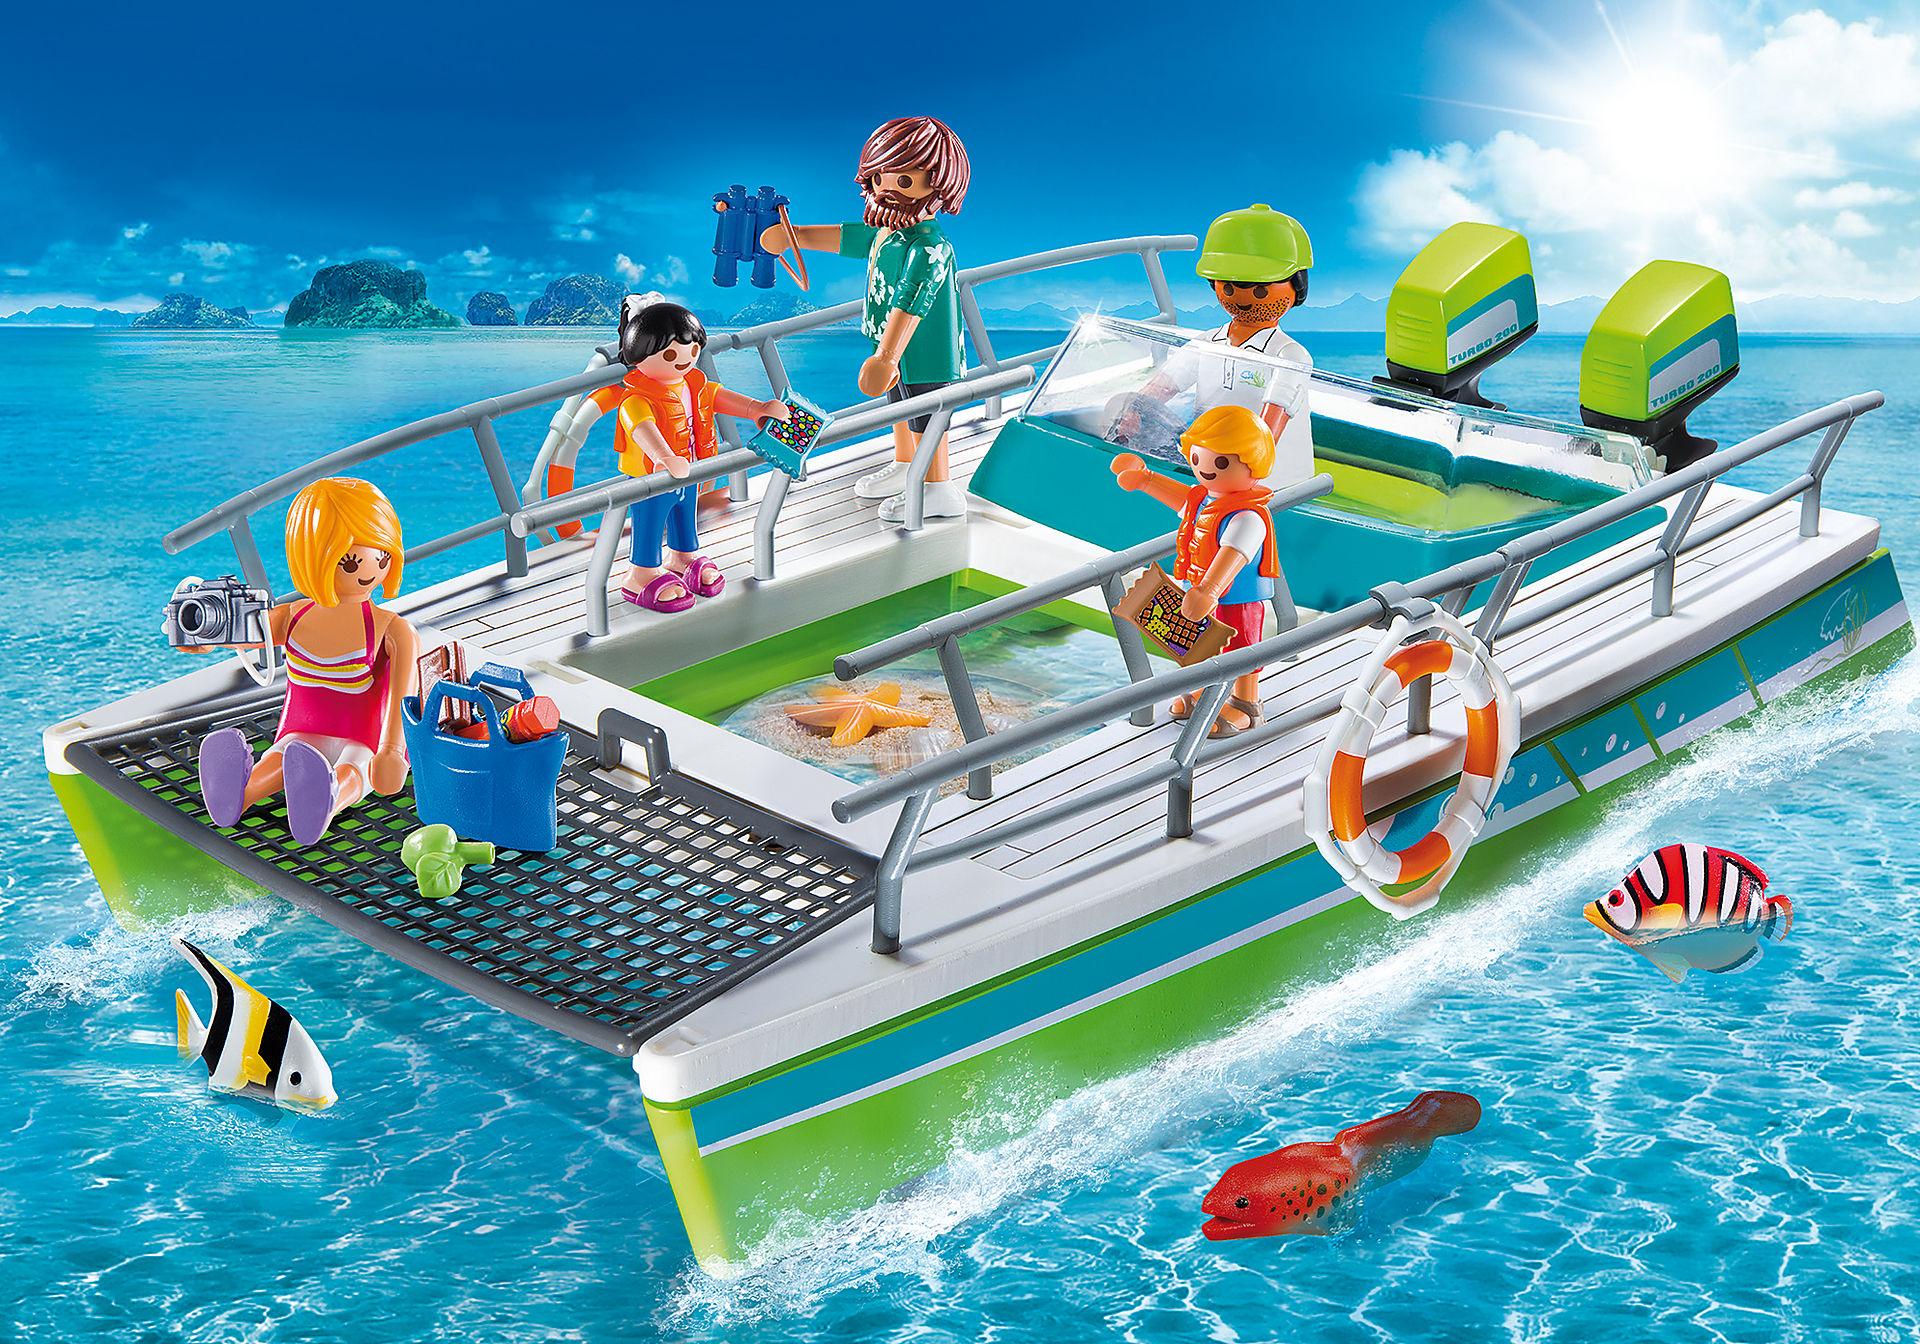 http://media.playmobil.com/i/playmobil/9233_product_detail/BARCO COM VISAO SUBMARINA E MOTOR